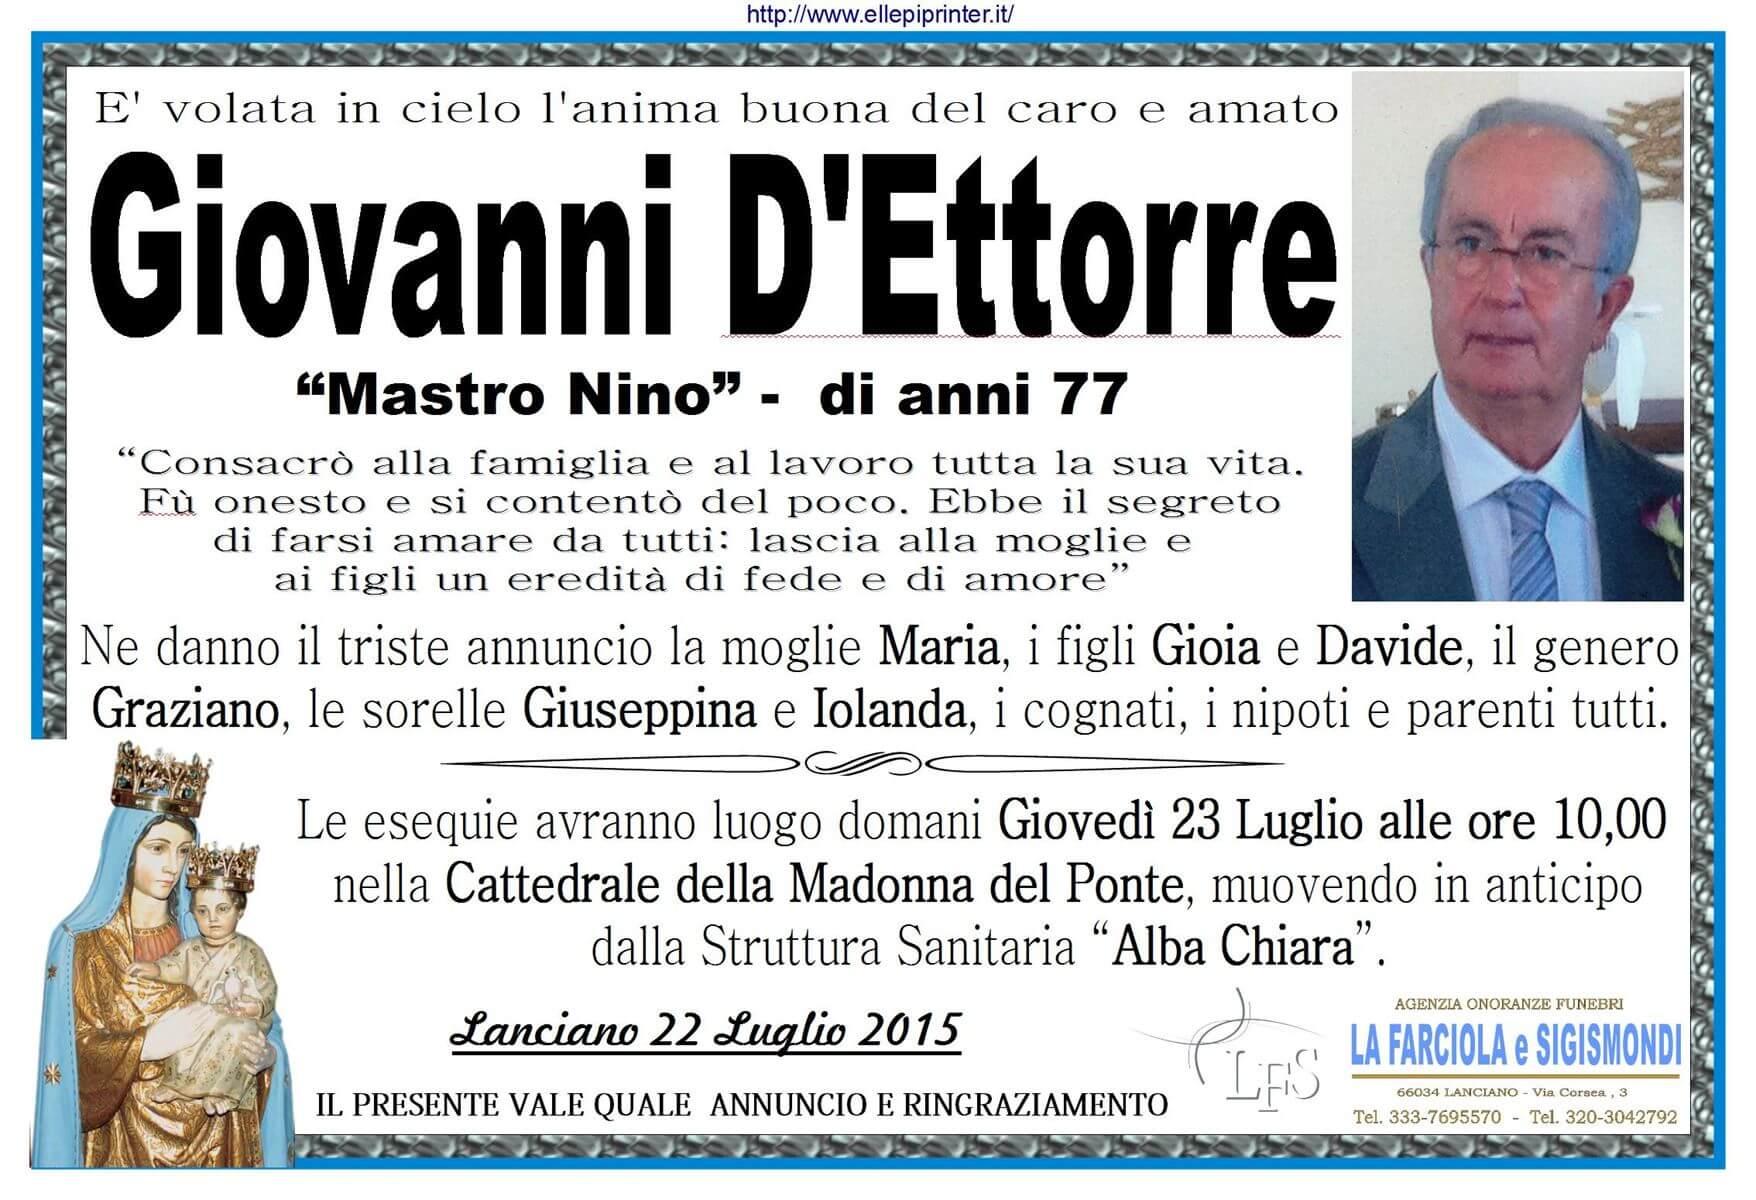 MANIFESTO D'ETTORRE NINO